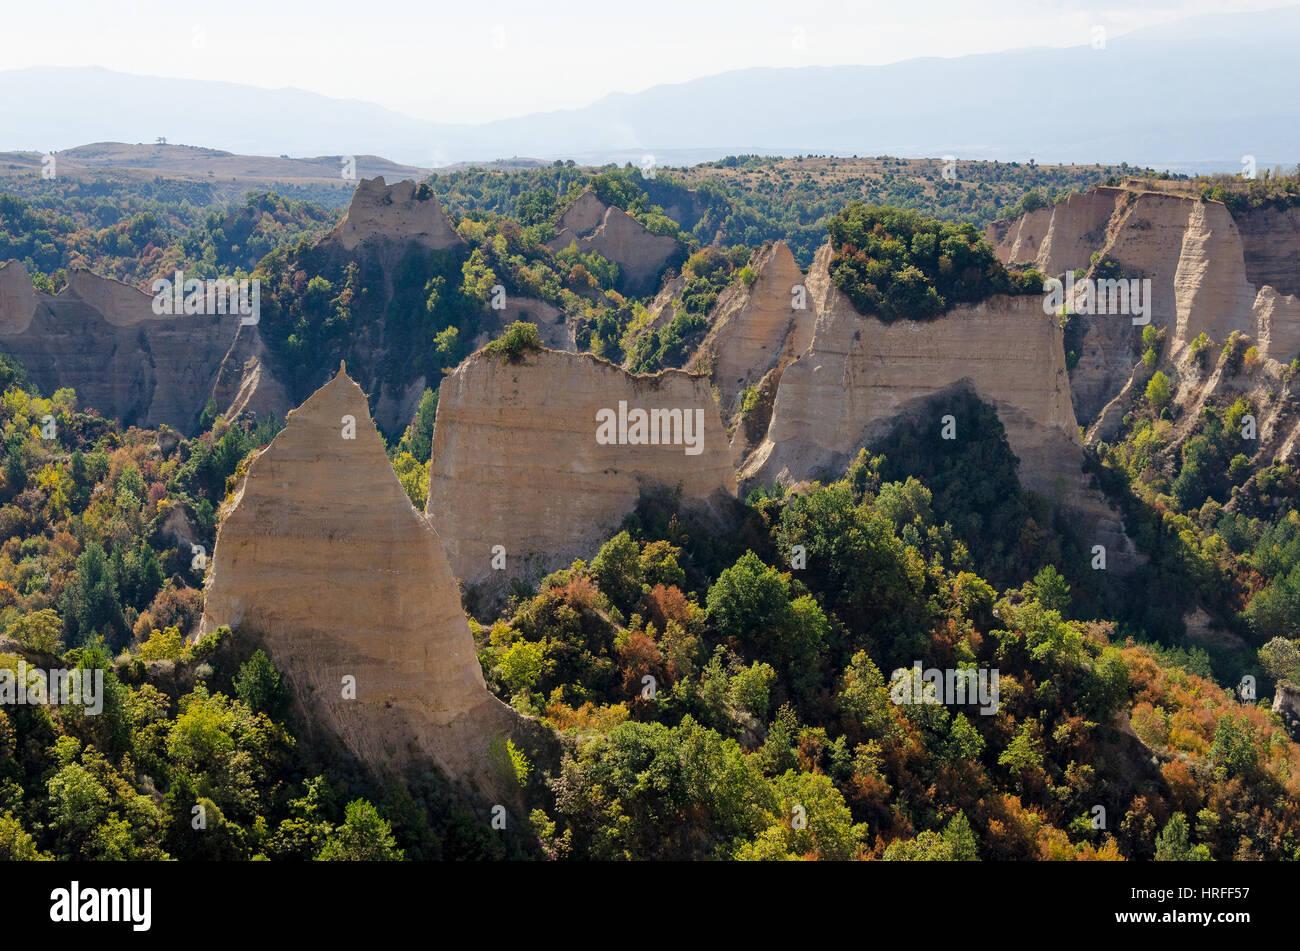 Sandstone pyramids in Melnik, Bulgaria - Stock Image